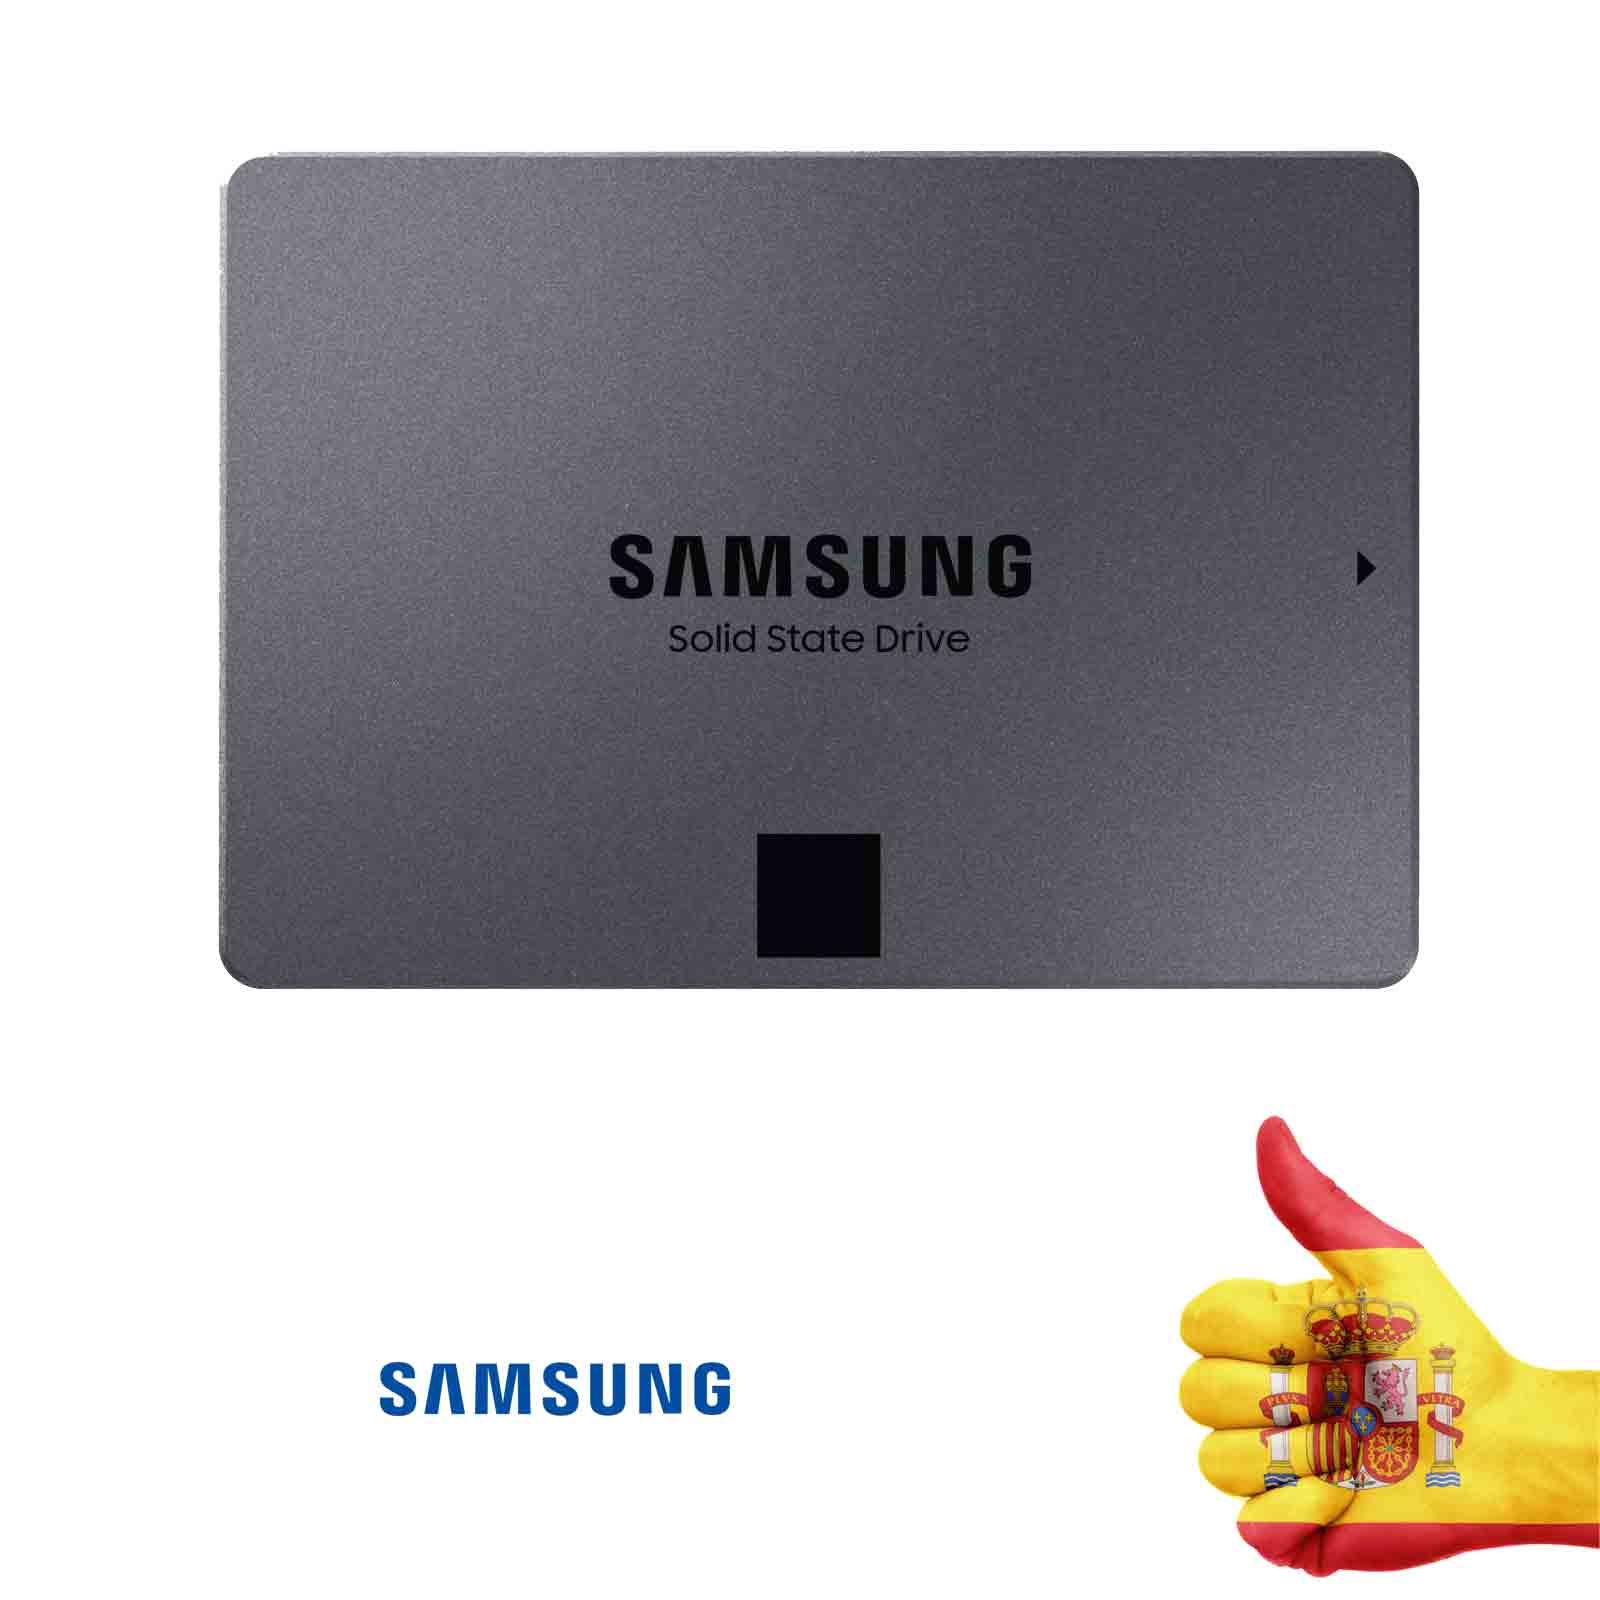 Disque dur solide SSD SAMSUNG 860 QVO 2 to (MZ-76Q2T0BW) SATA III (2000 go dur, 2.5